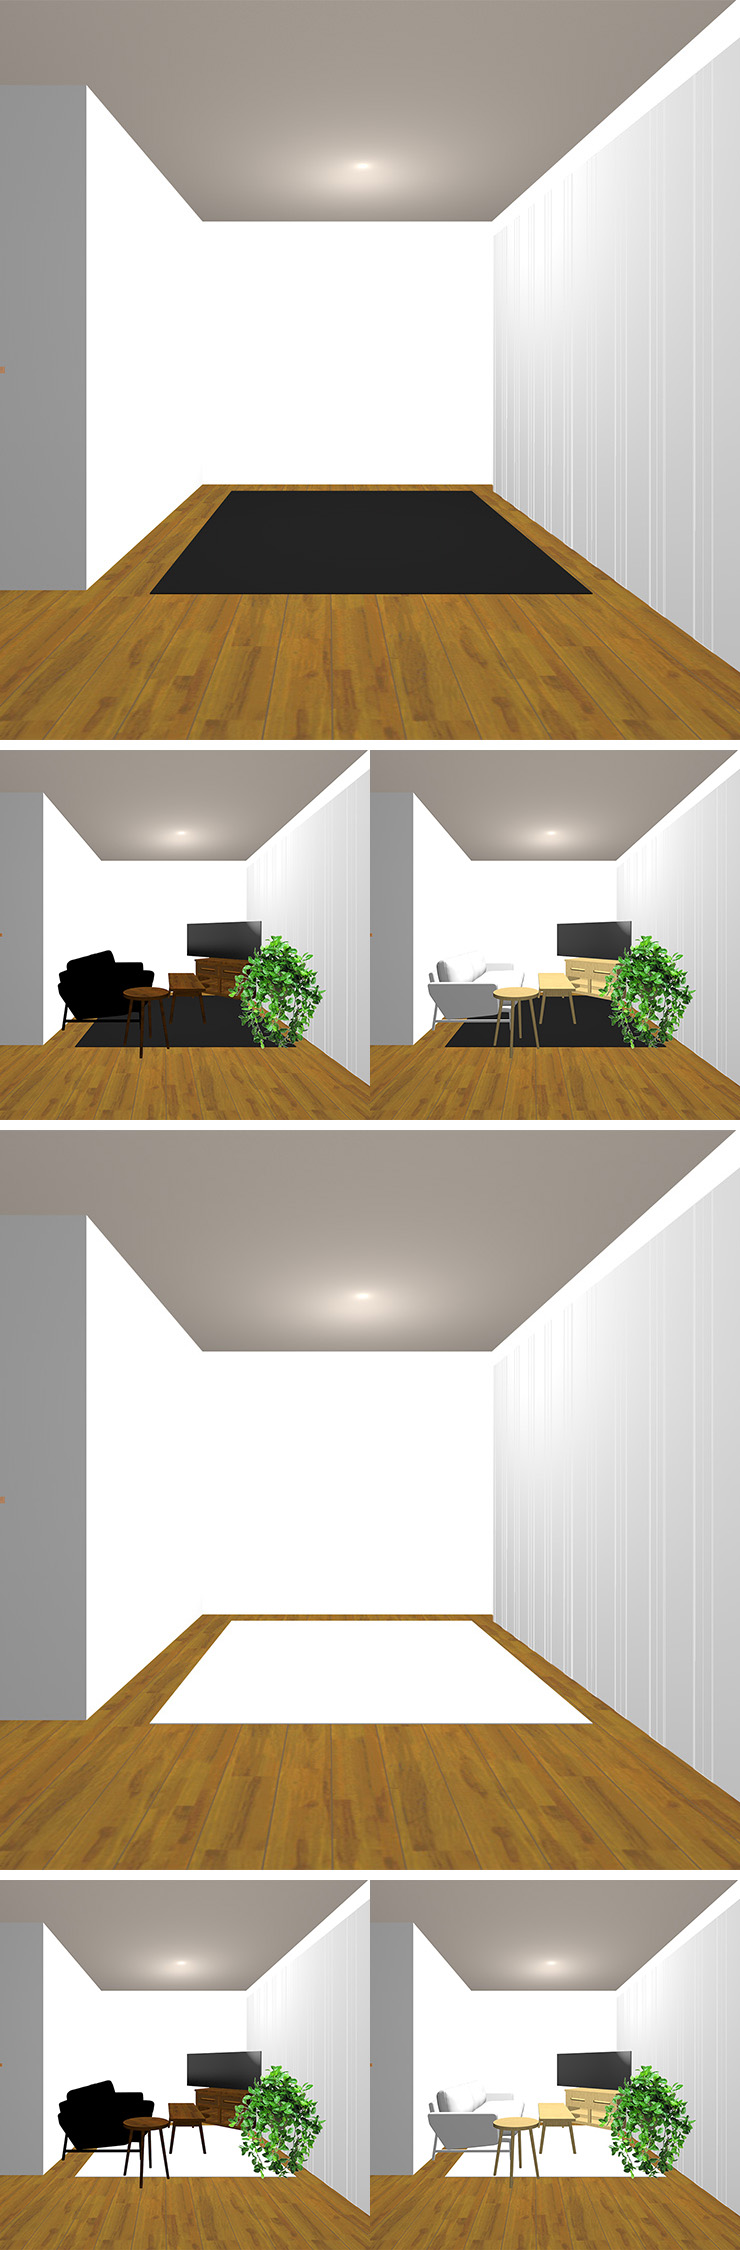 2種類のラグの明るさと2種類の明るさの家具の組み合わせ